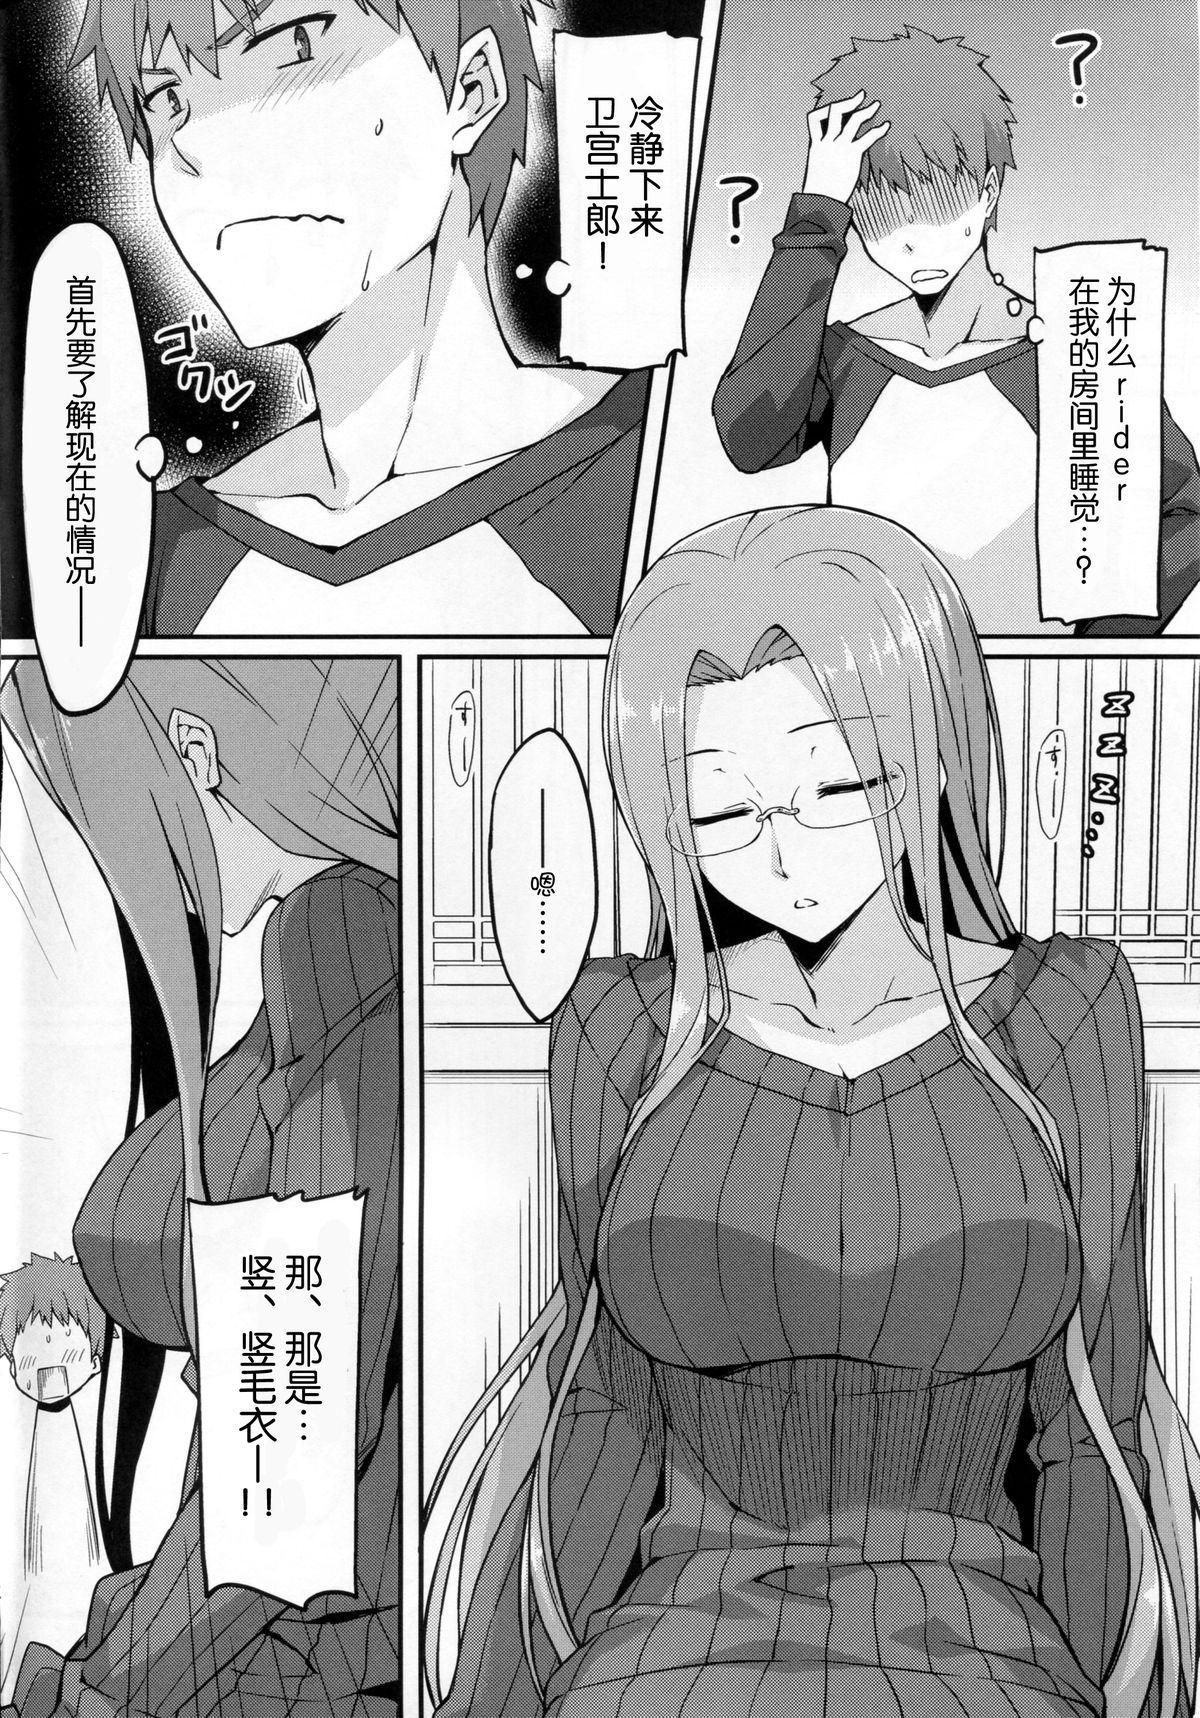 Rider-san to Tate Sweater. 4